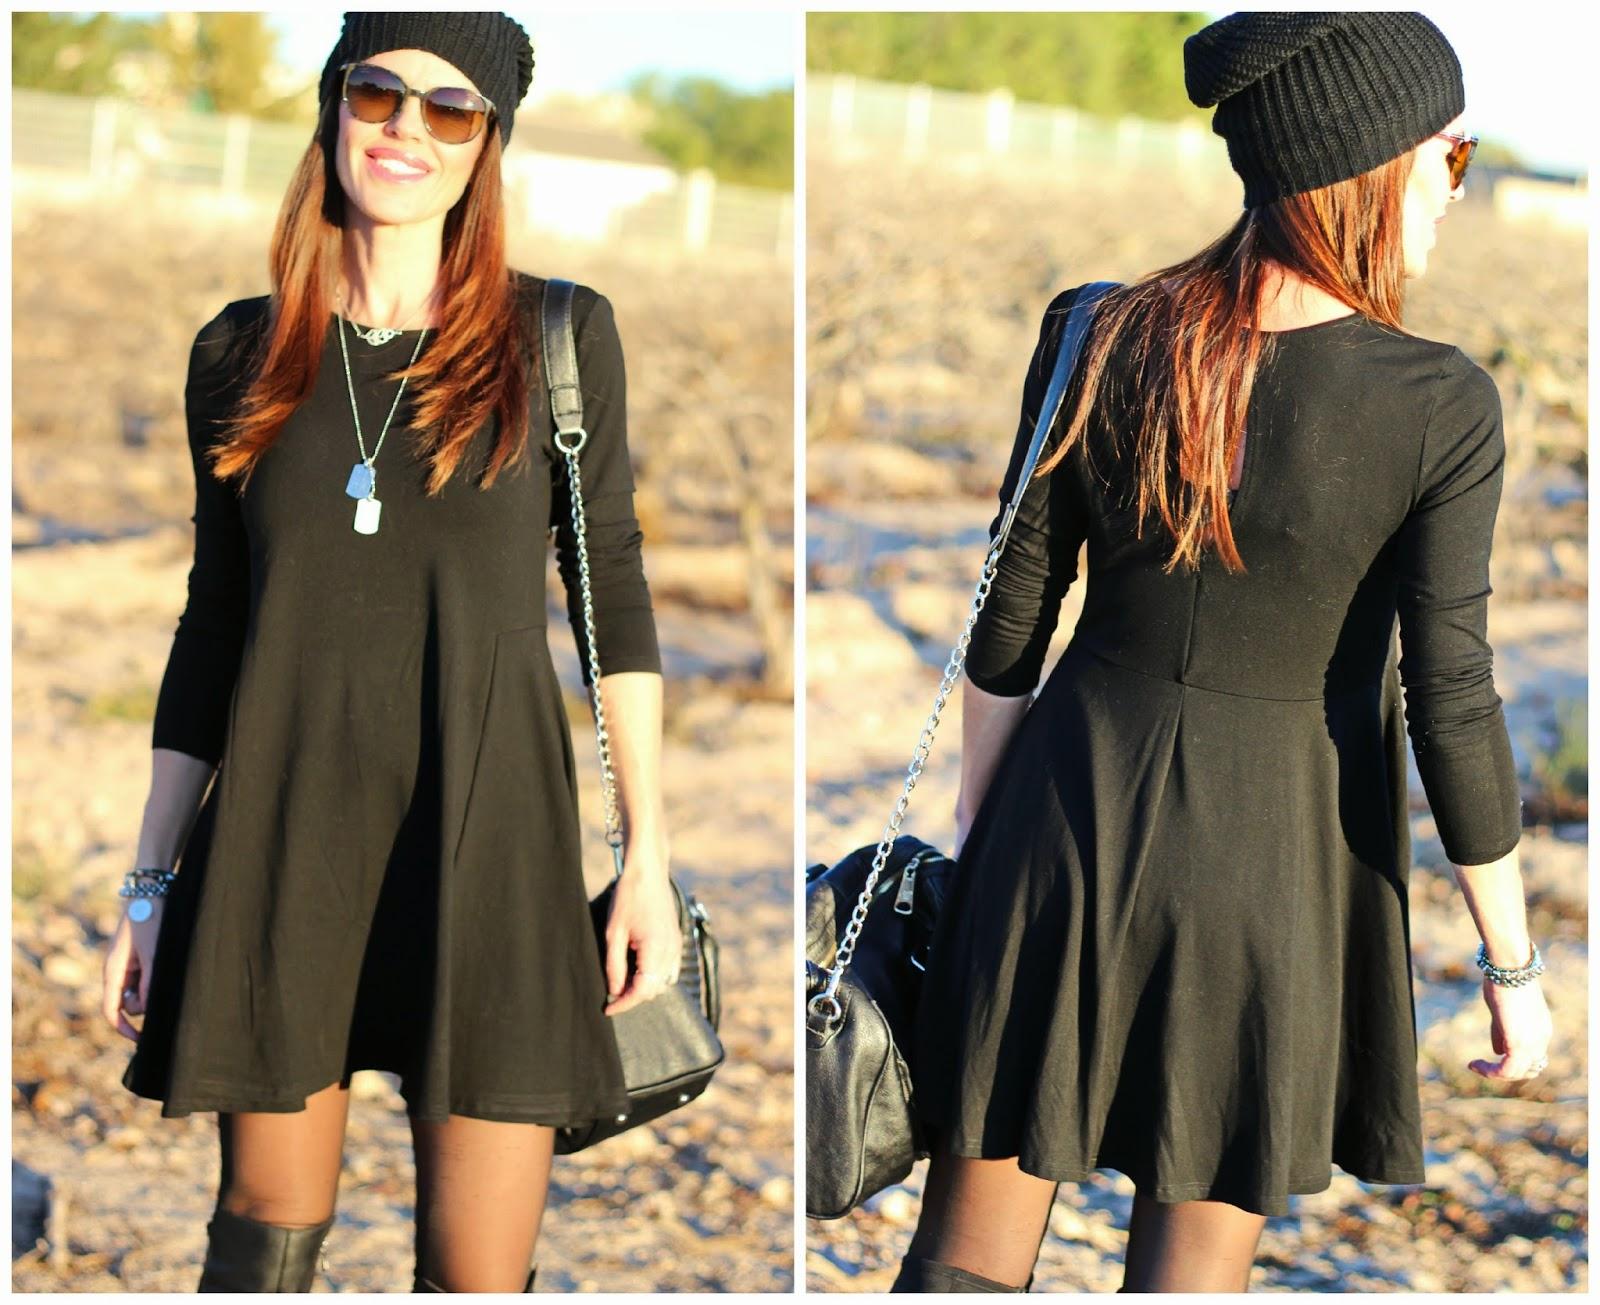 Con Largas Vestido Botas Negro Outfit Ulk3jtf1c